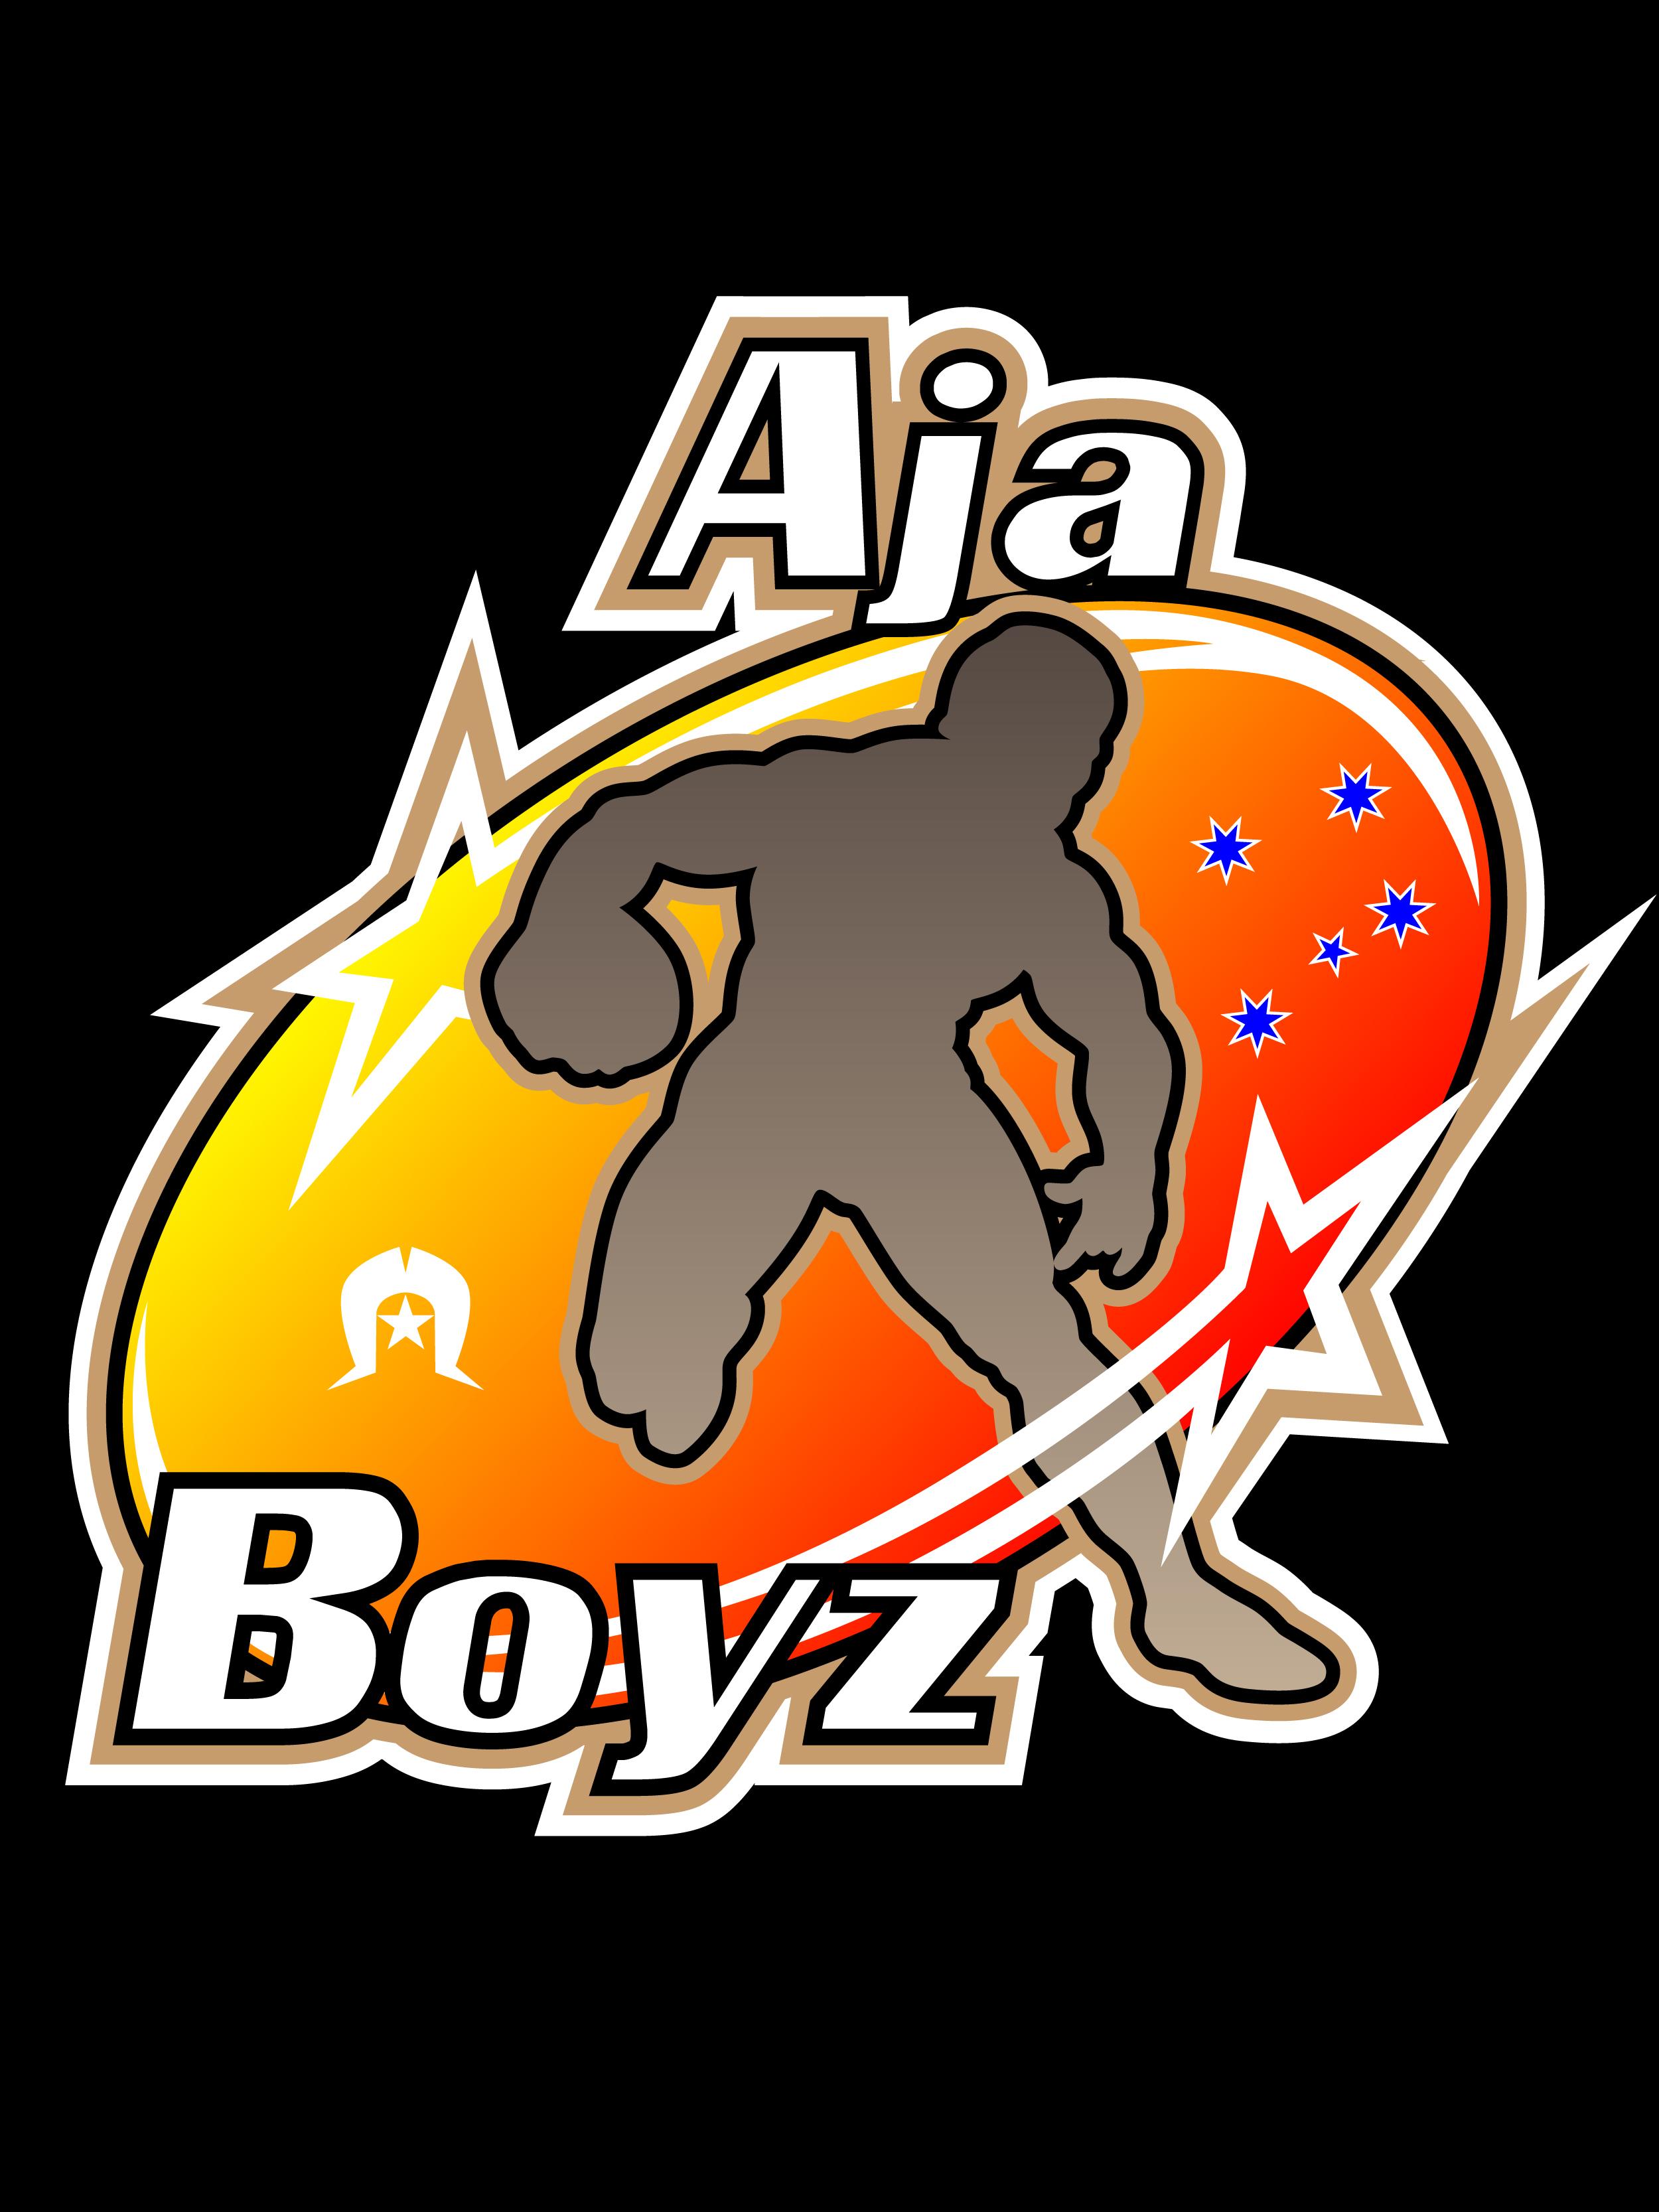 AJA_BOYS_V1.jpg